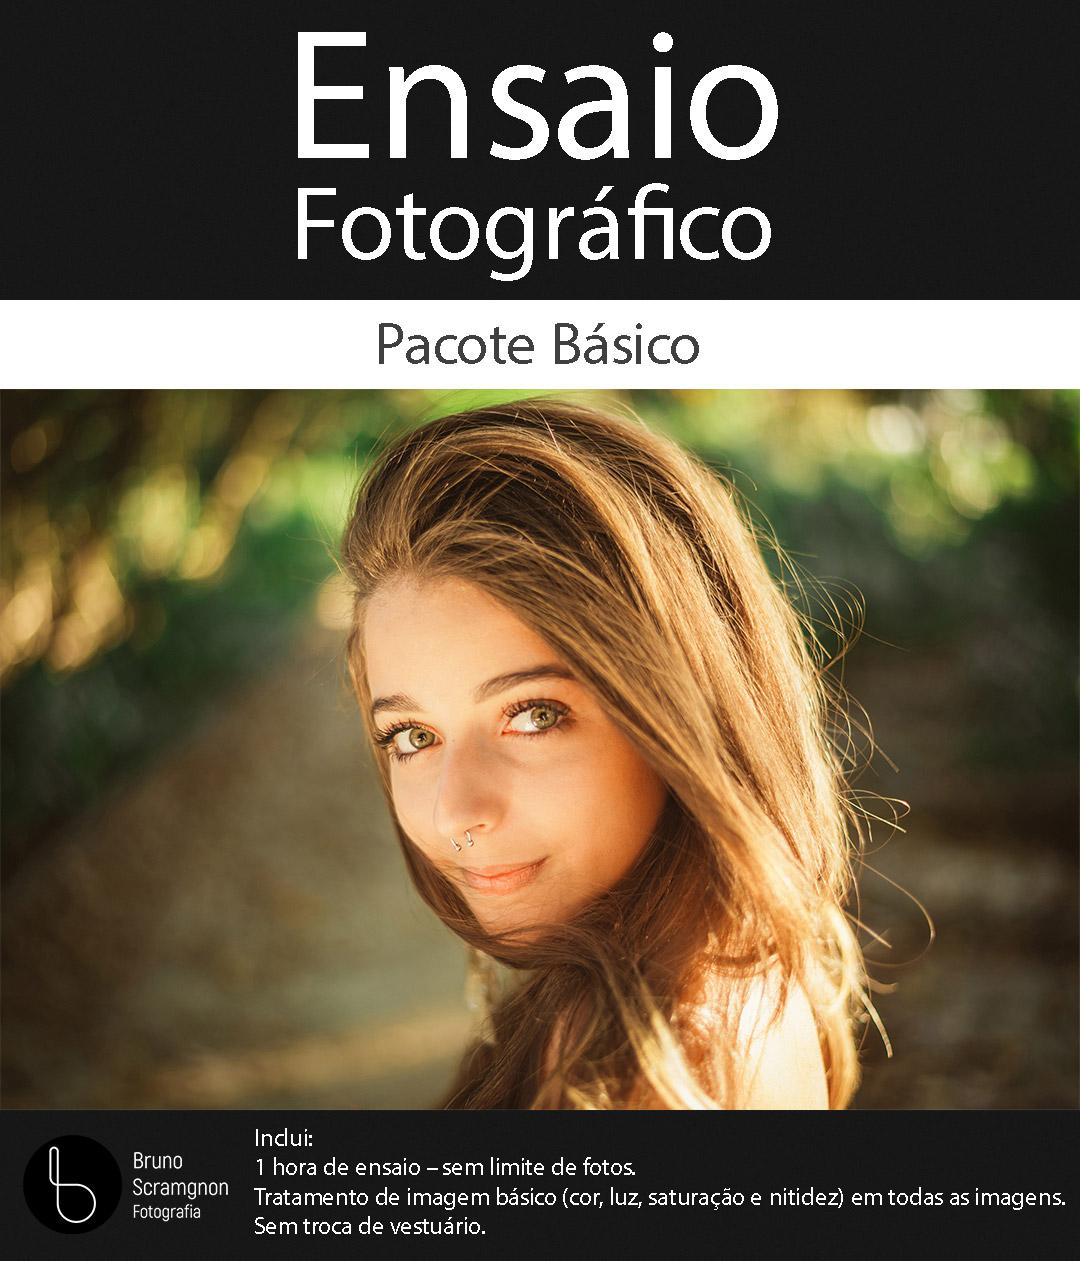 ensaio fotográfico básico